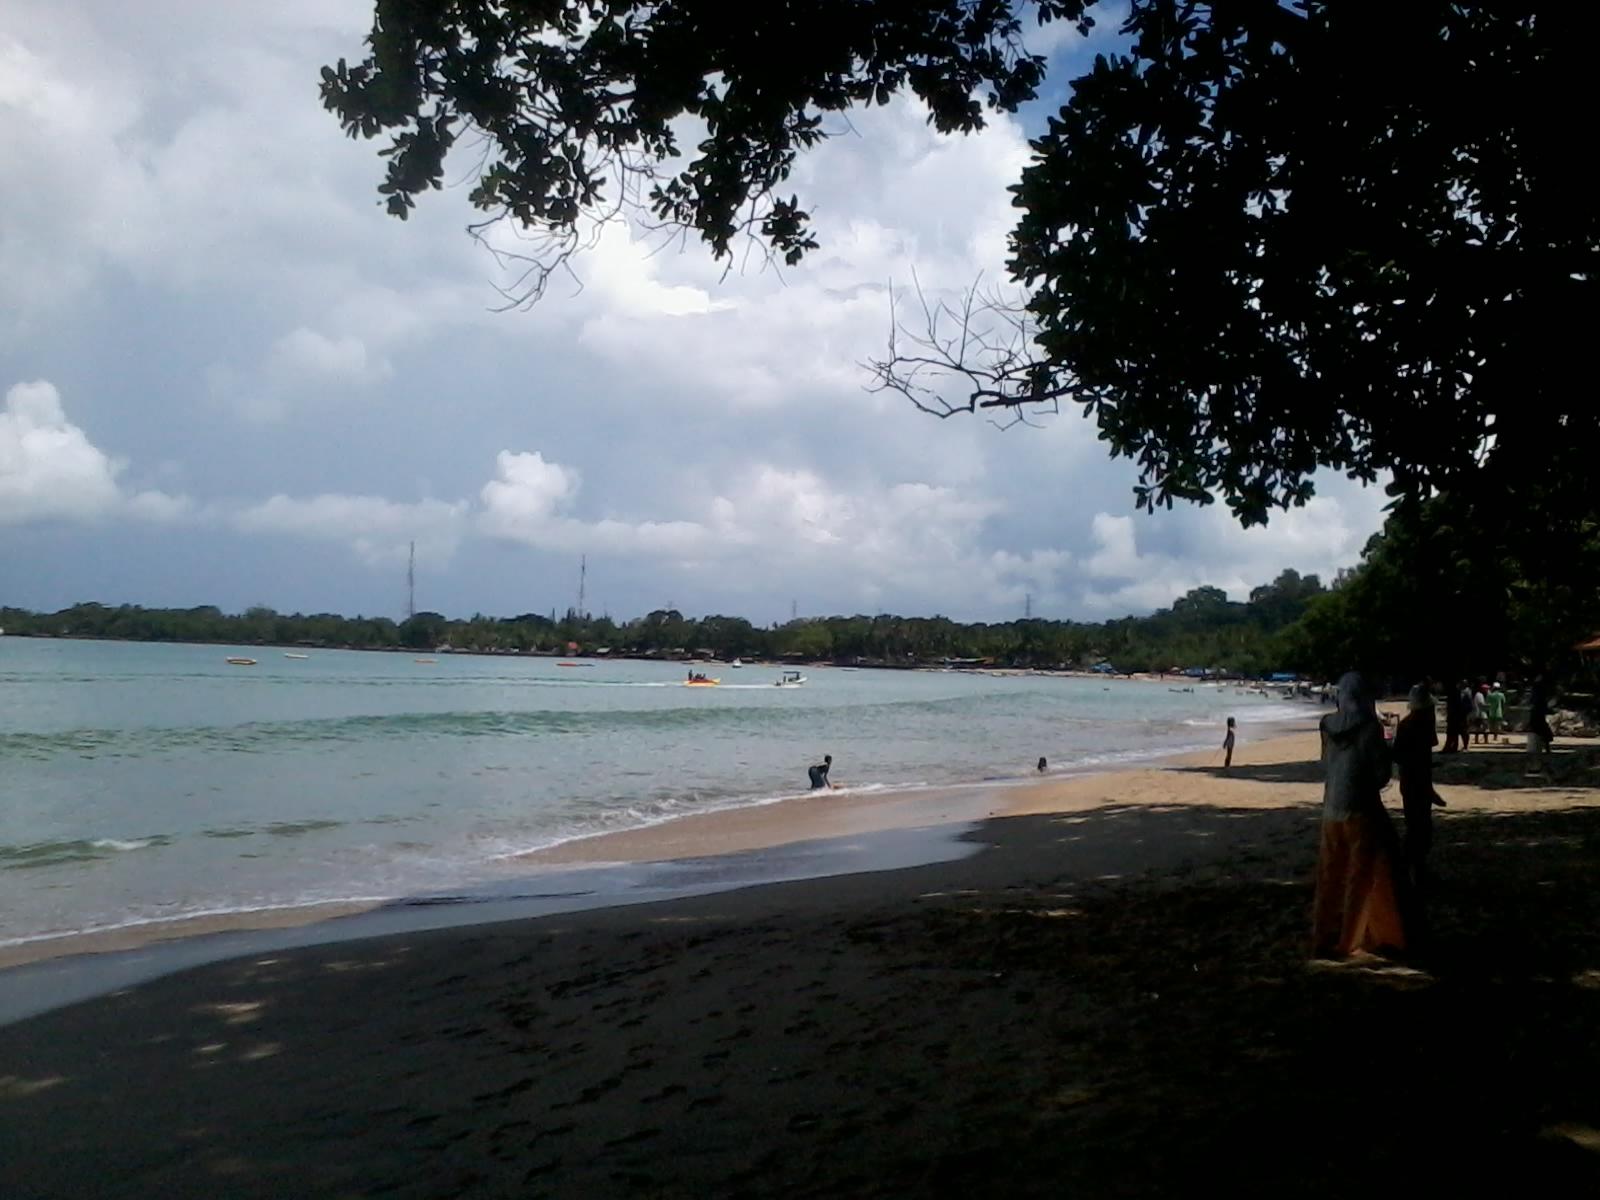 Wisata Alam Pantai Carita Sea Park Salah Satu Objek Berada